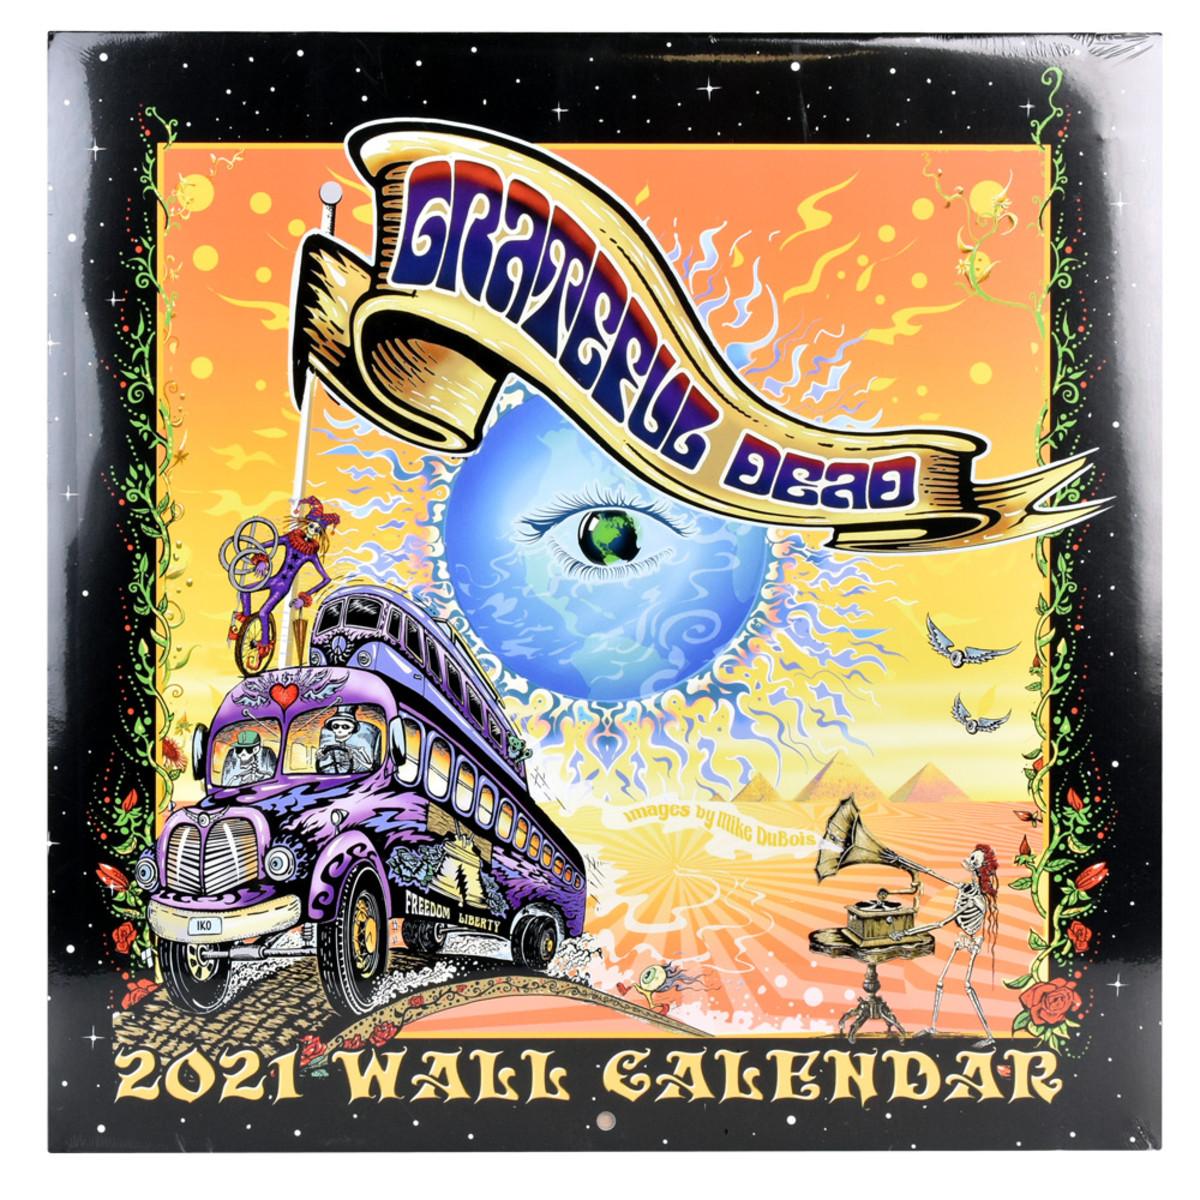 Grateful Dead 2021 Wall Calendar | 12